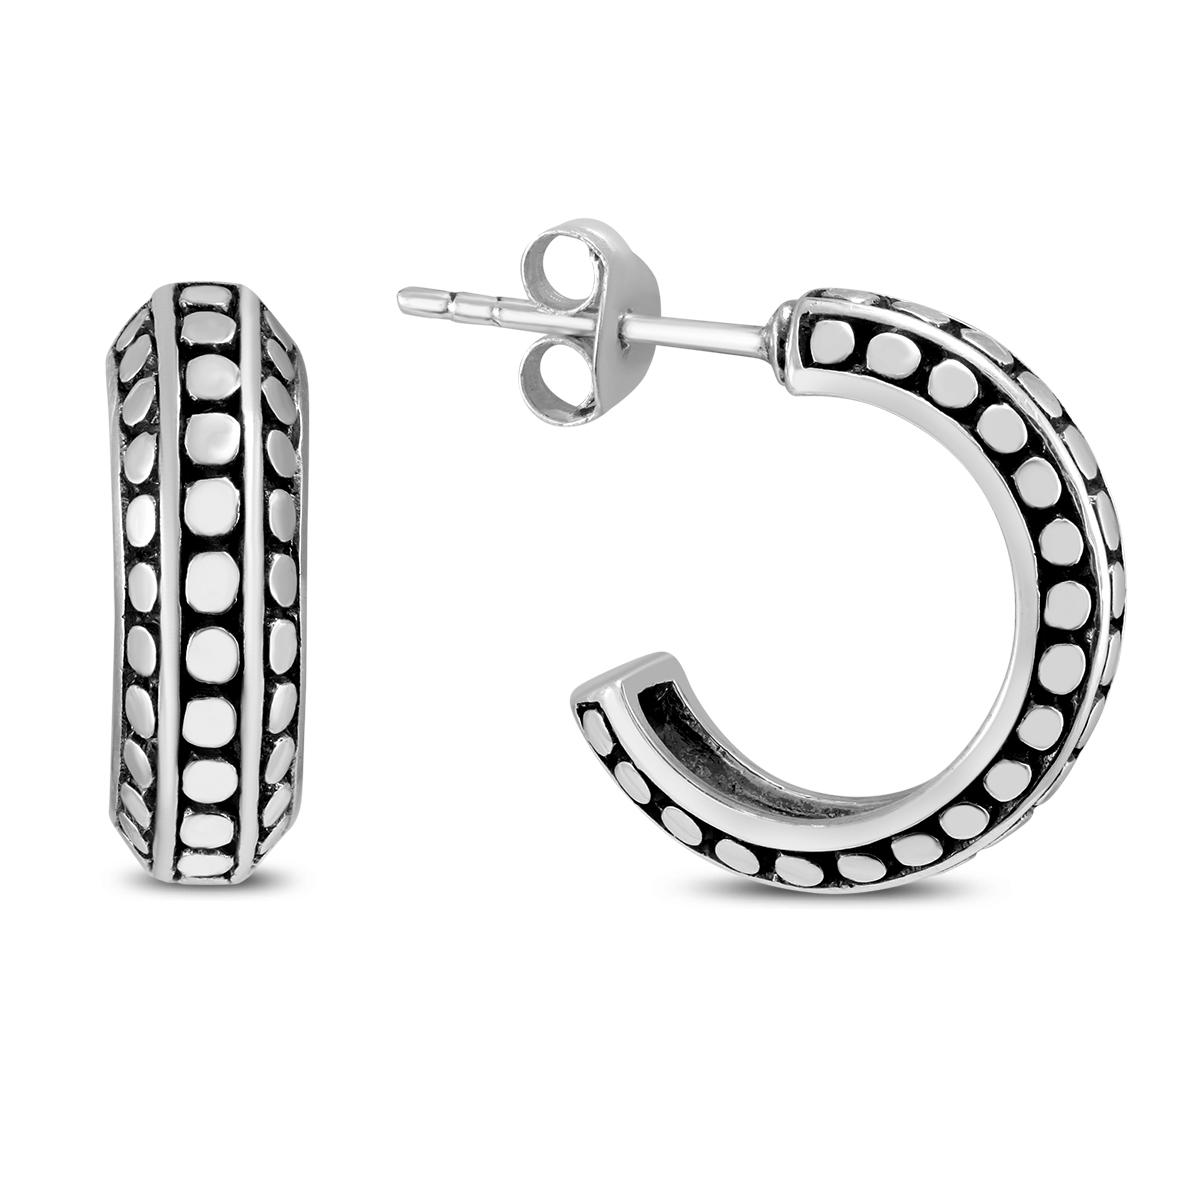 Antique Finished J Hoop Earrings in .925